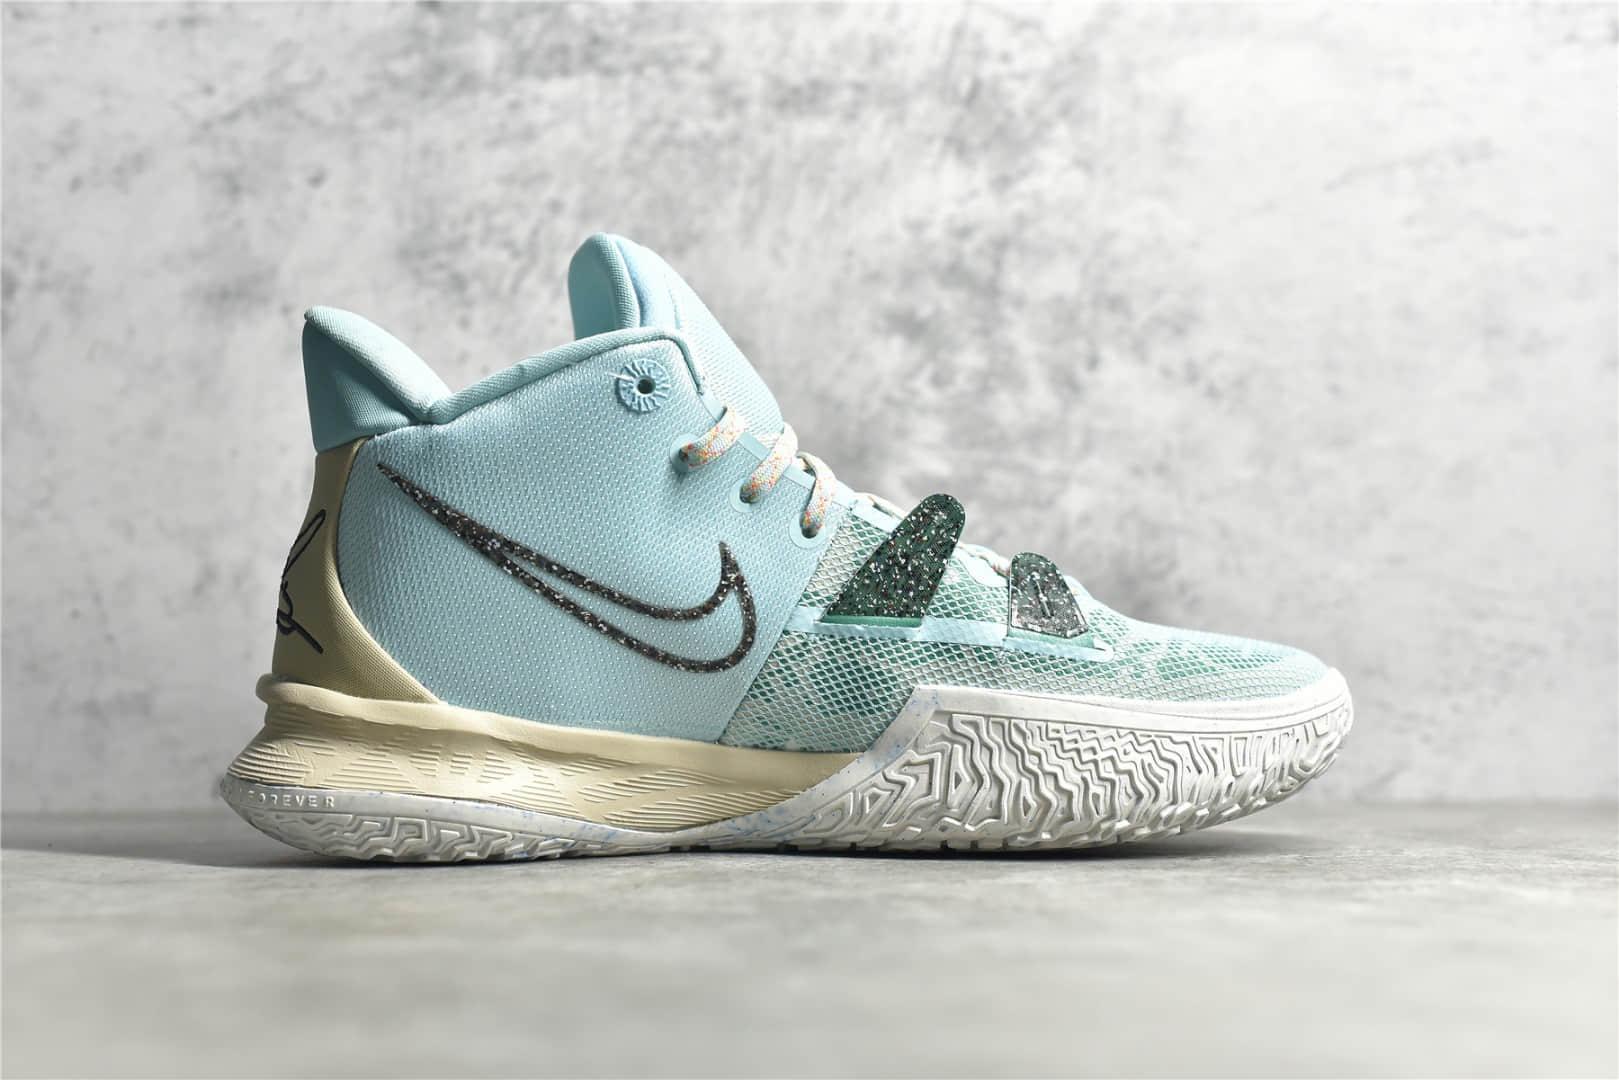 耐克欧文7代薄荷绿实战球鞋 Nike KYRIE 7 COPA 莆田耐克实战球鞋复刻 欧文7球鞋 货号:CQ9327-402-潮流者之家